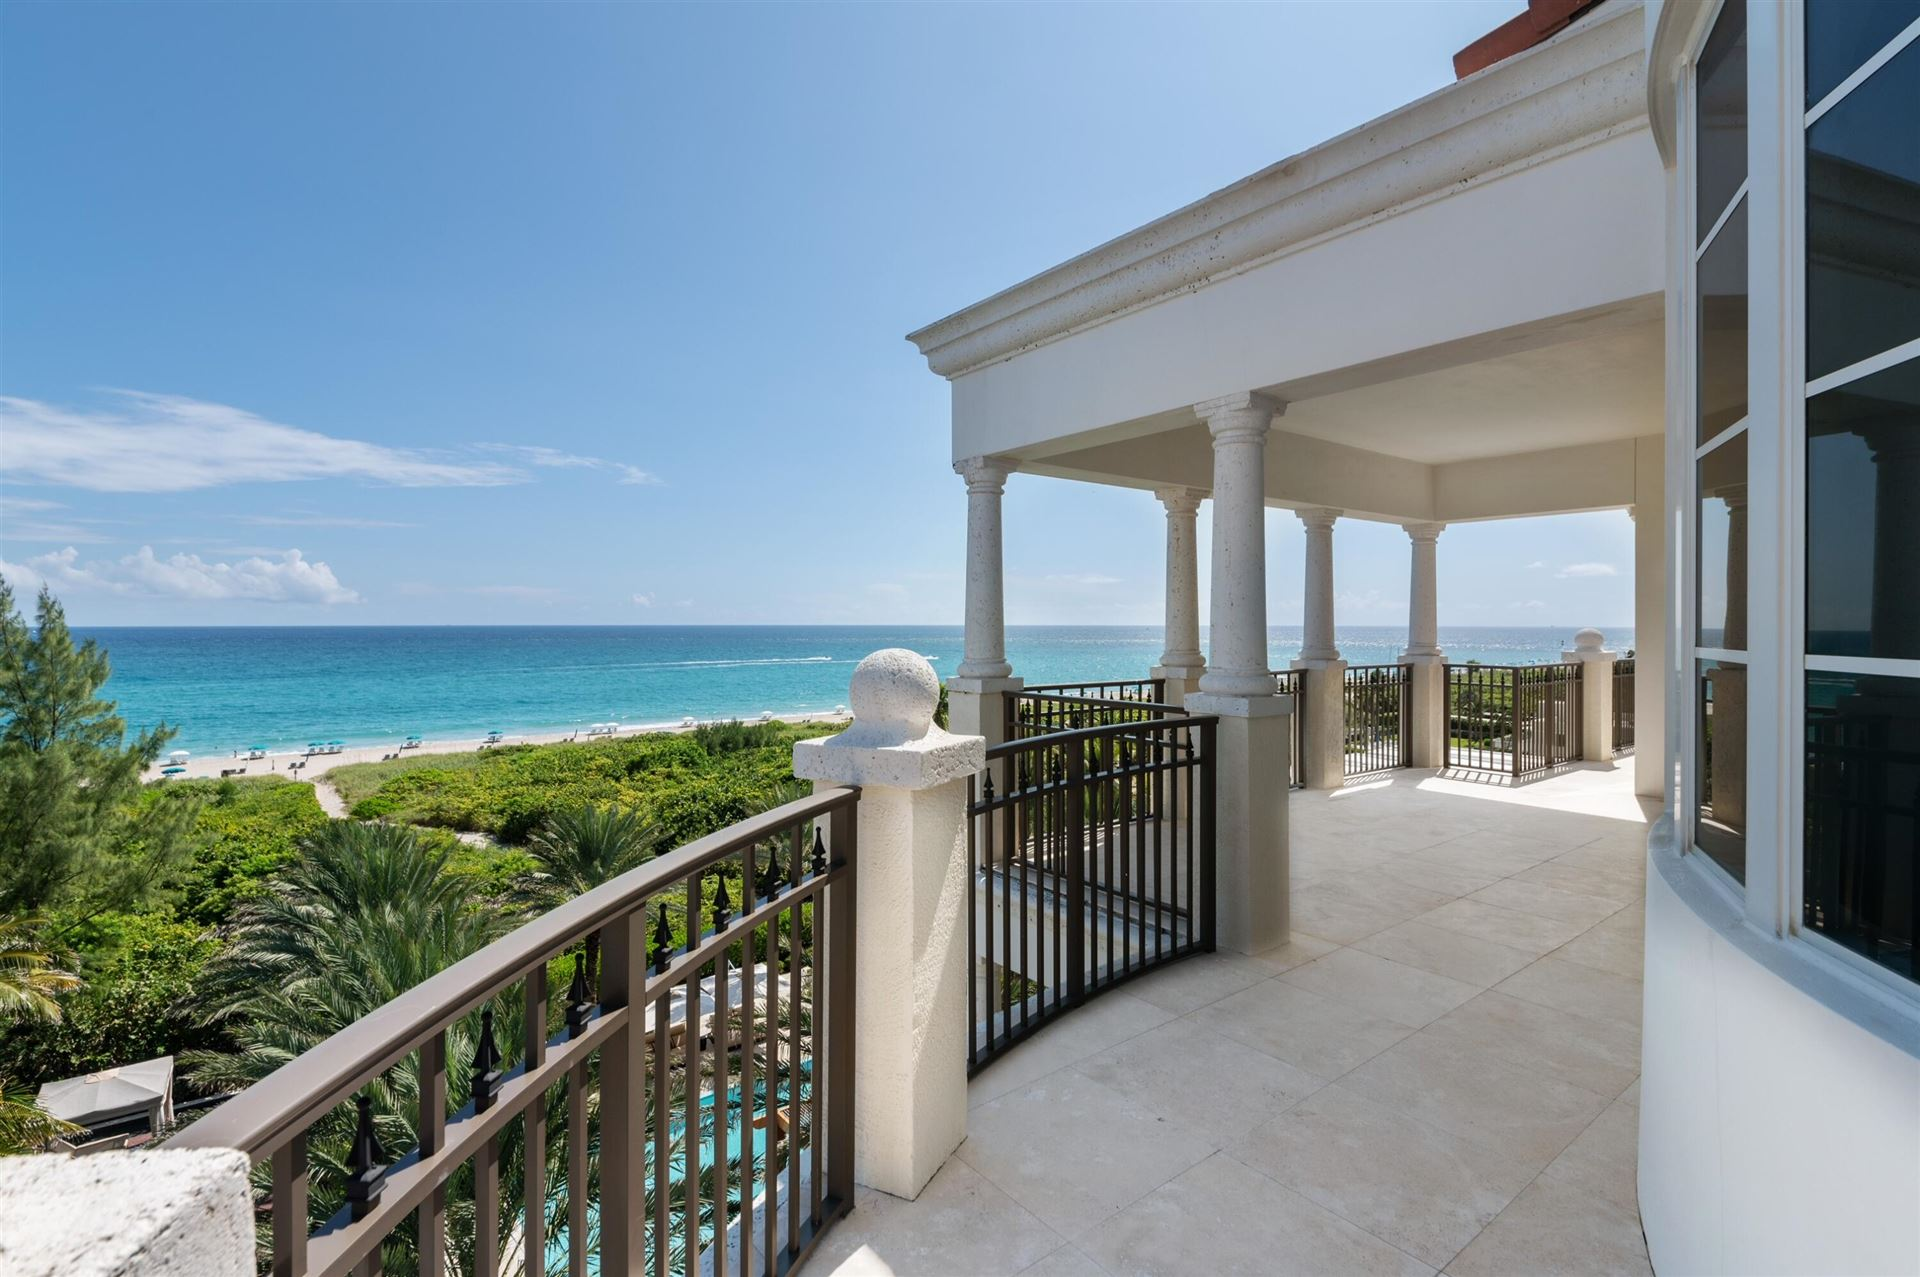 Photo of 155 S Ocean Avenue #601, Palm Beach Shores, FL 33404 (MLS # RX-10743332)